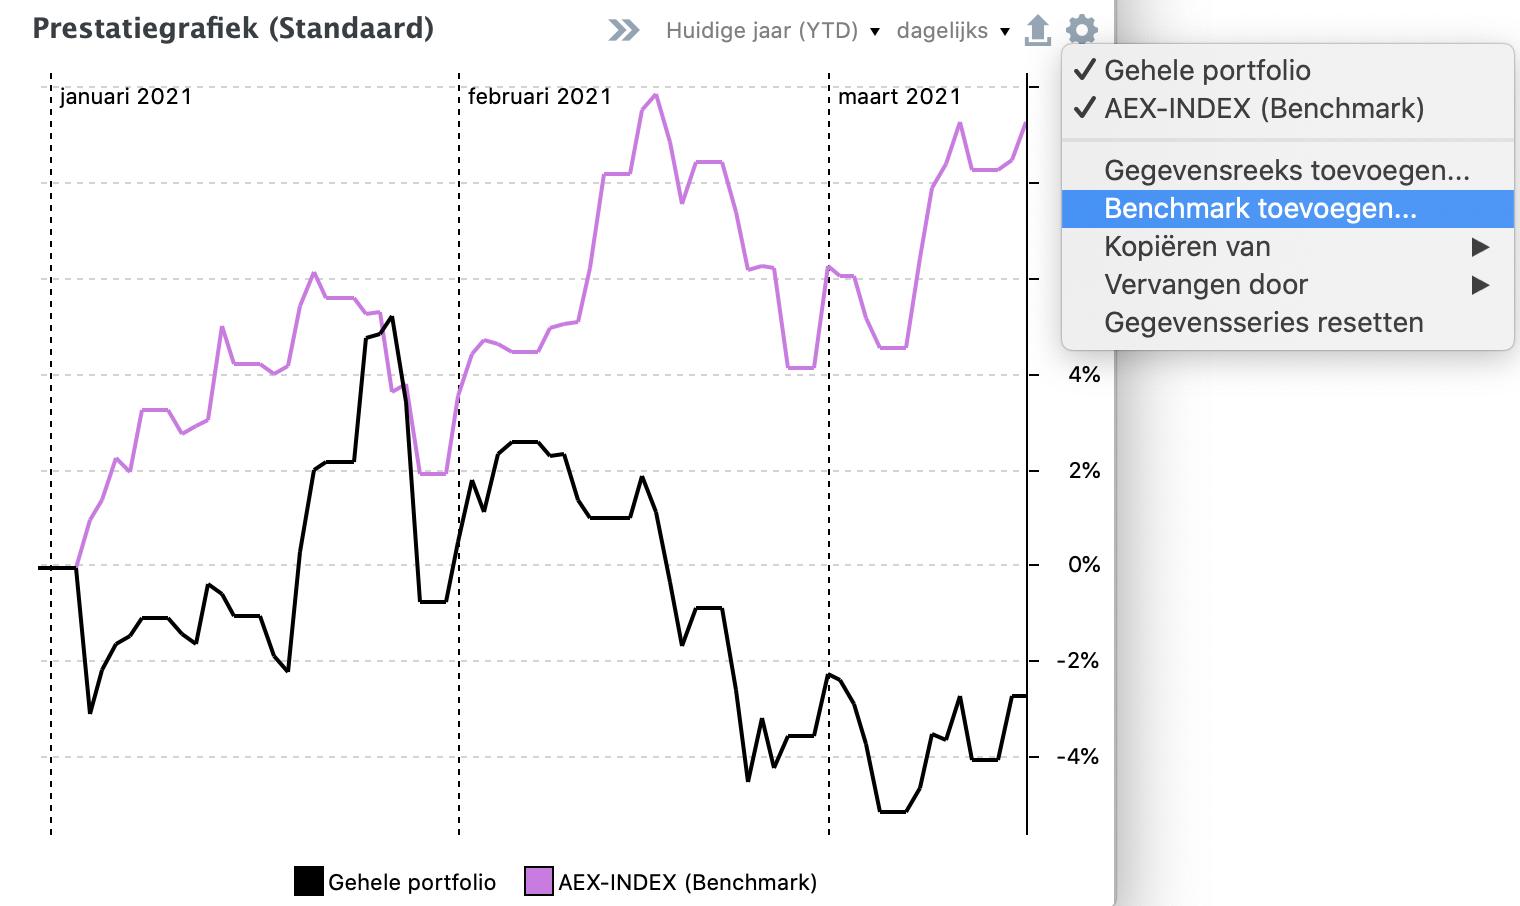 Het toevoegen van een index als benchmark